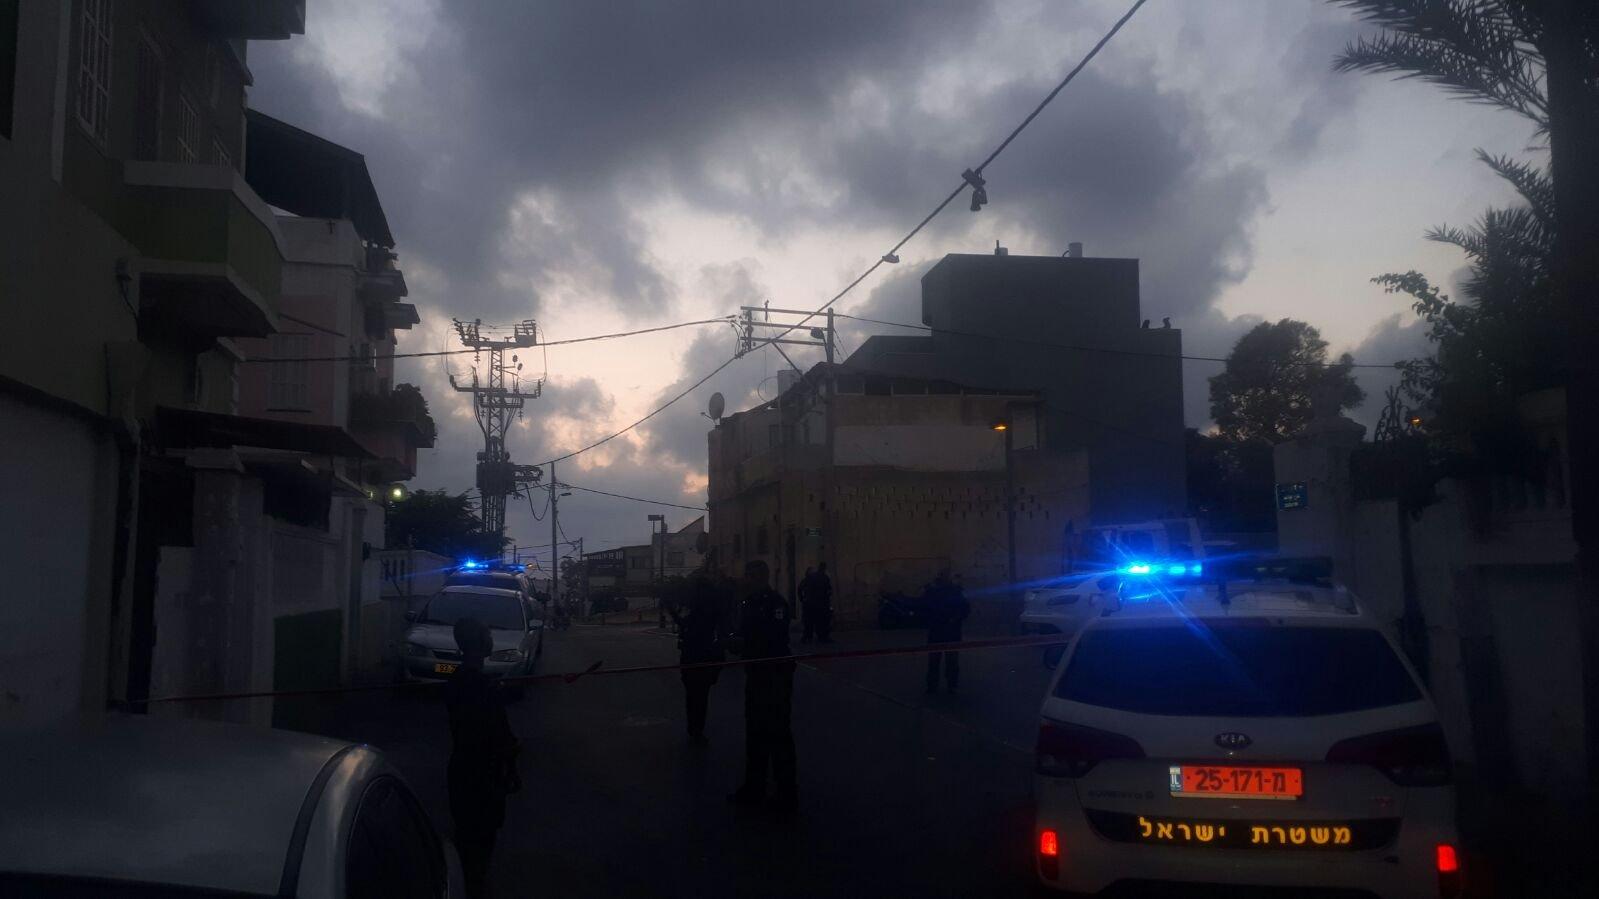 يافا تل ابيب: مصرع عمار يتيم (32 عامًا) رميًا بالرصاص